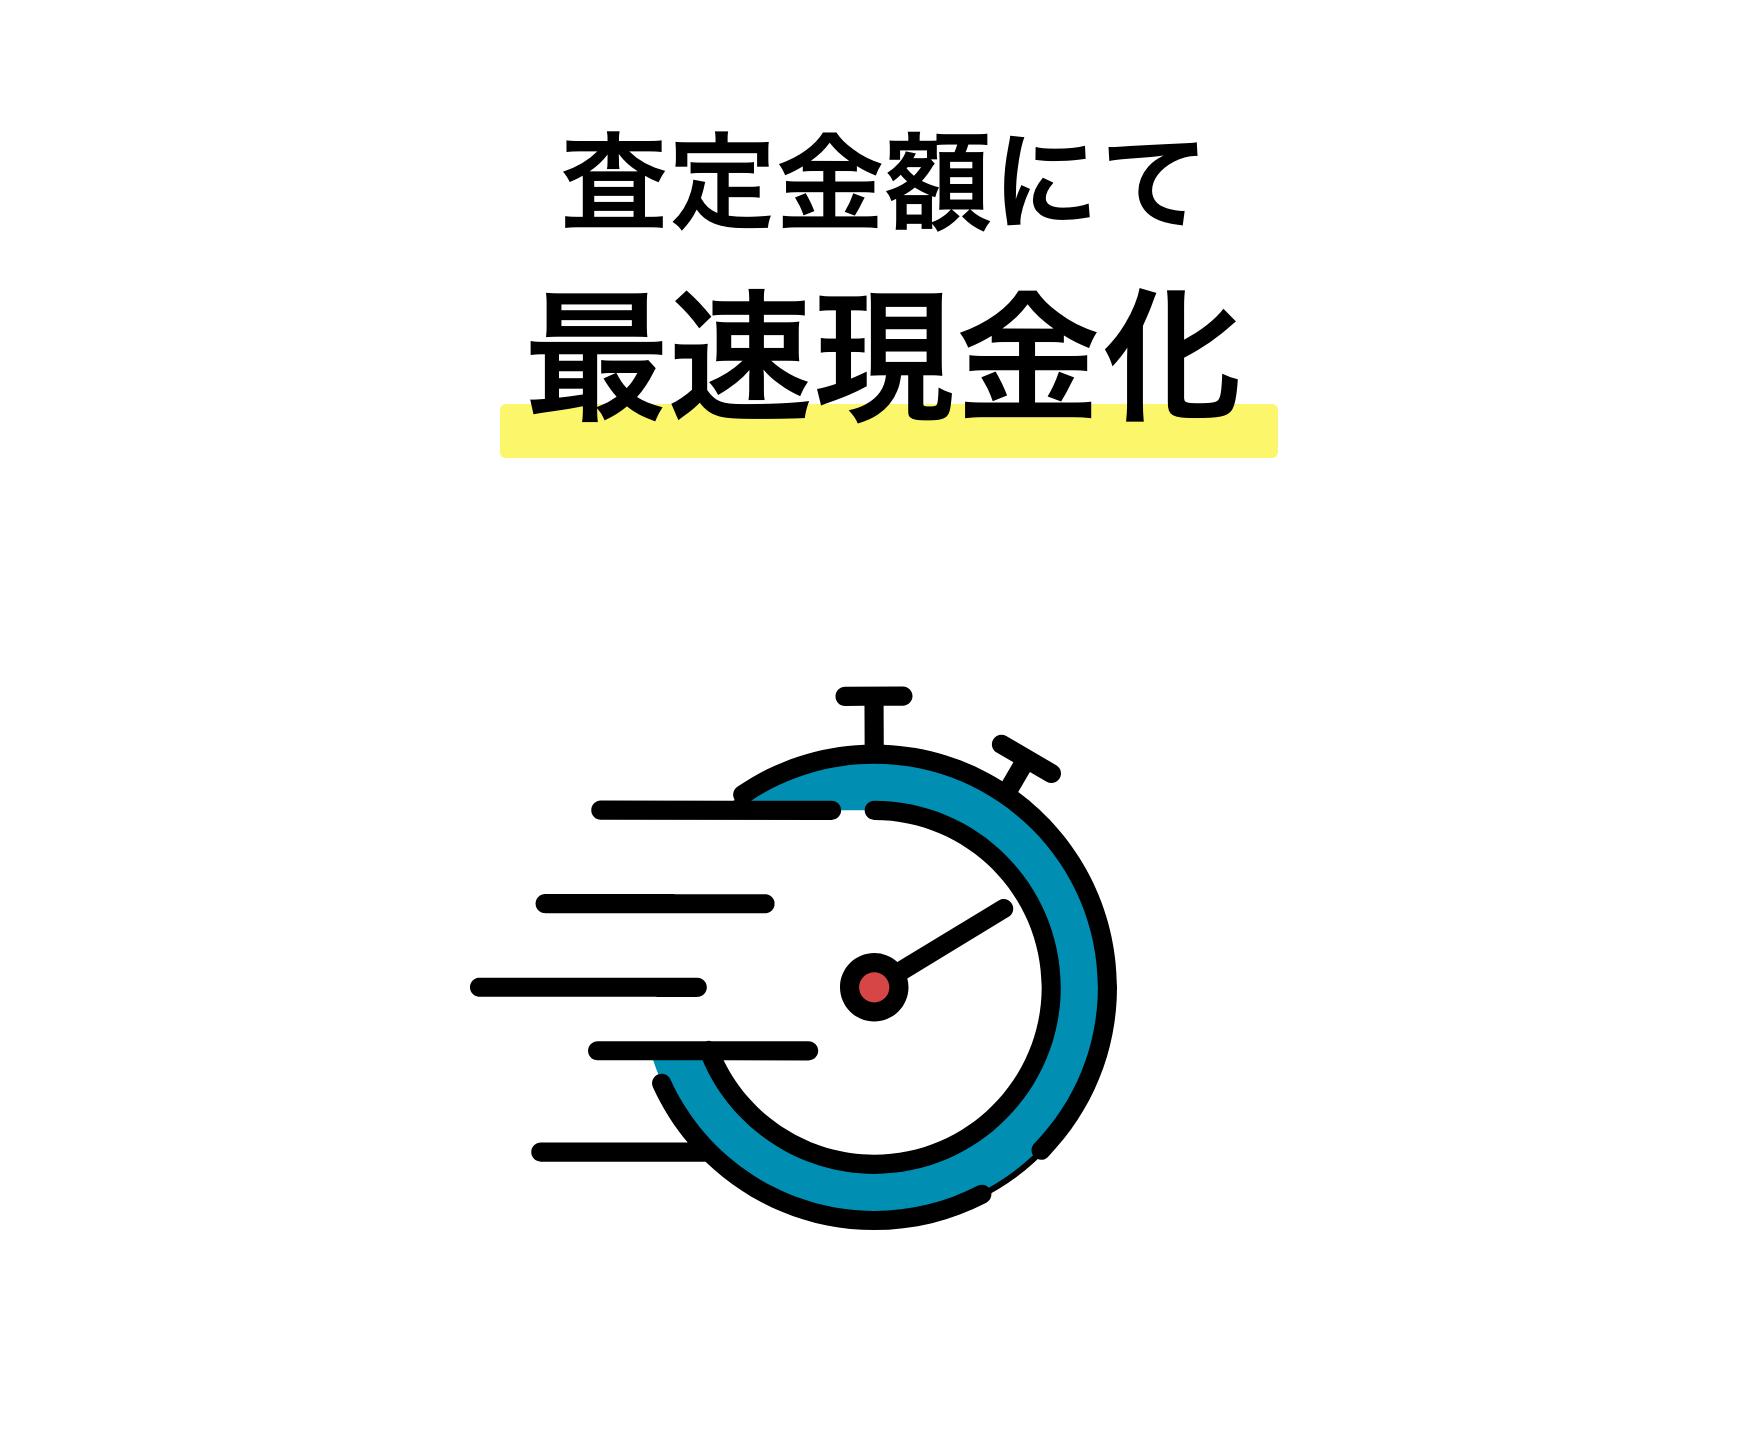 SELL+(セルプラス)のおすすめポイント「最速!」